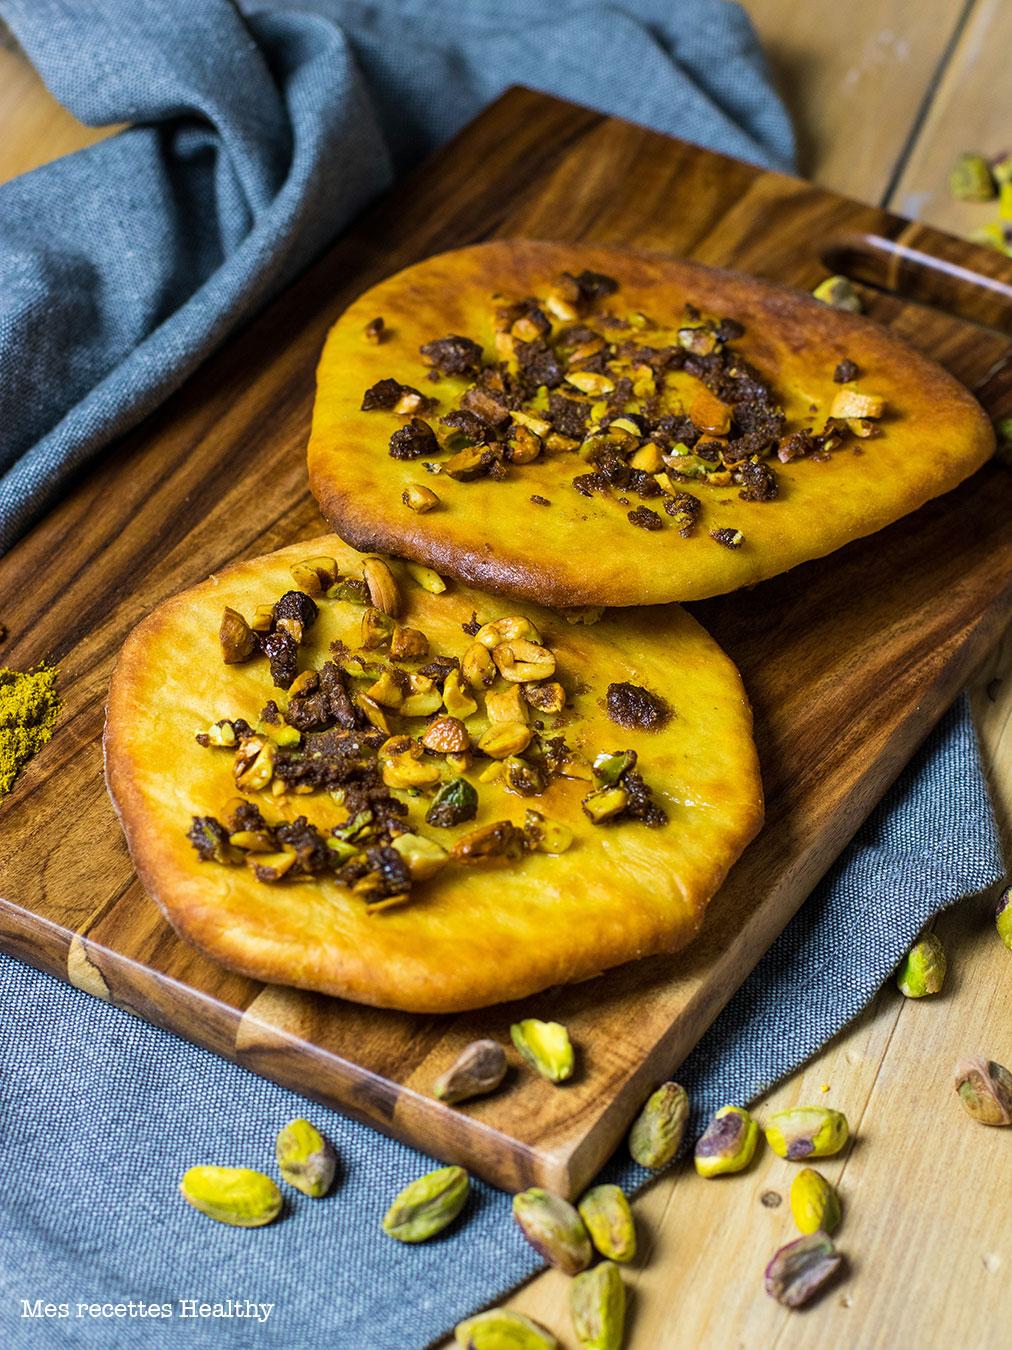 recette healthy-naan-pistache-amande-beurre-naan aux noix de cajou